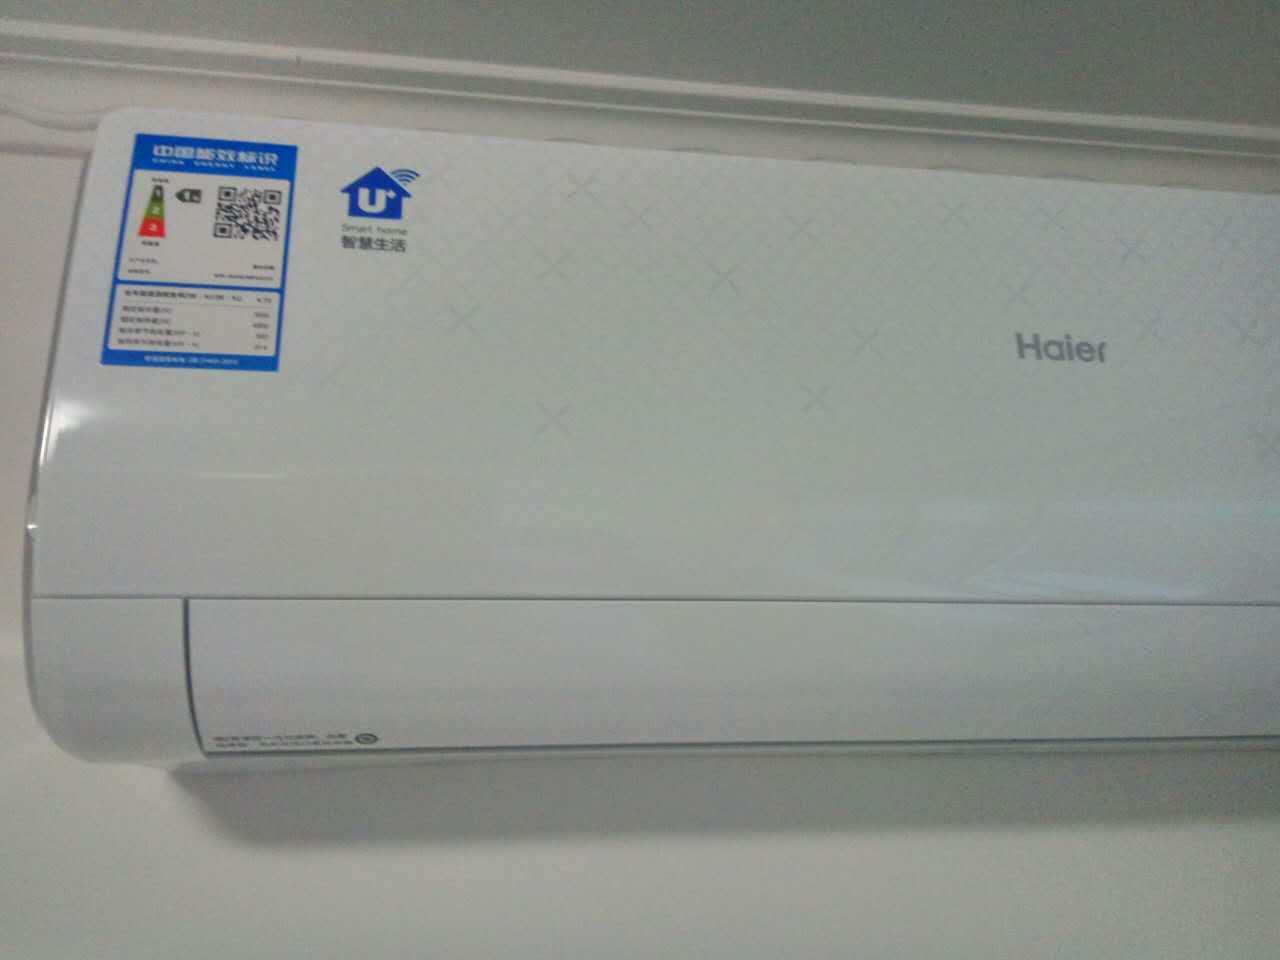 不同匹数的空调功率是不一样的,所适用的房间大小也有区别,a。出现这种情况的原因在于小匹数的空调放置在大房间里,而不是空调本身的问题。b。当然也存在这样的问题,房间内设有大窗户而且是敞开的。c。或者当房间存在较多发热源时也会存在这种情况(如多台电脑开启,日光灯打开,或者西晒玻璃房等)。解决办法:a。改变使用环境的条件。b。在购买空调之前一定要选择好与房间相匹配的空调。增加使用环境的密闭性。c。减少空调使用环境中的制热源等等方面入手来解决不制冷的问题。